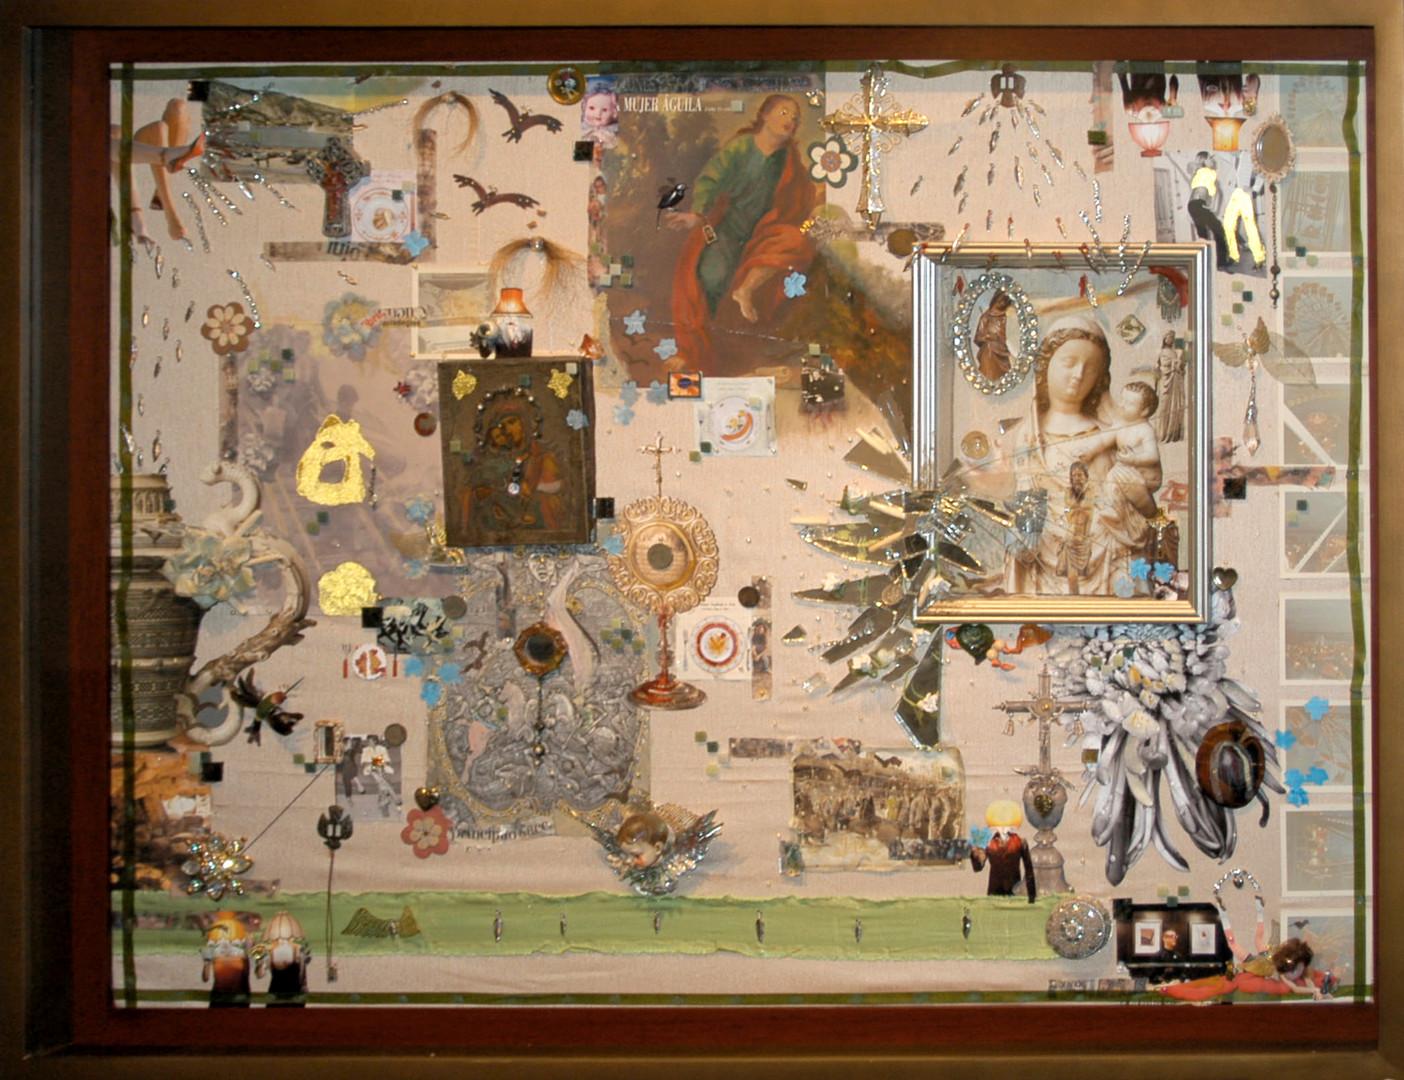 La Feria. collage assemblage 90x120